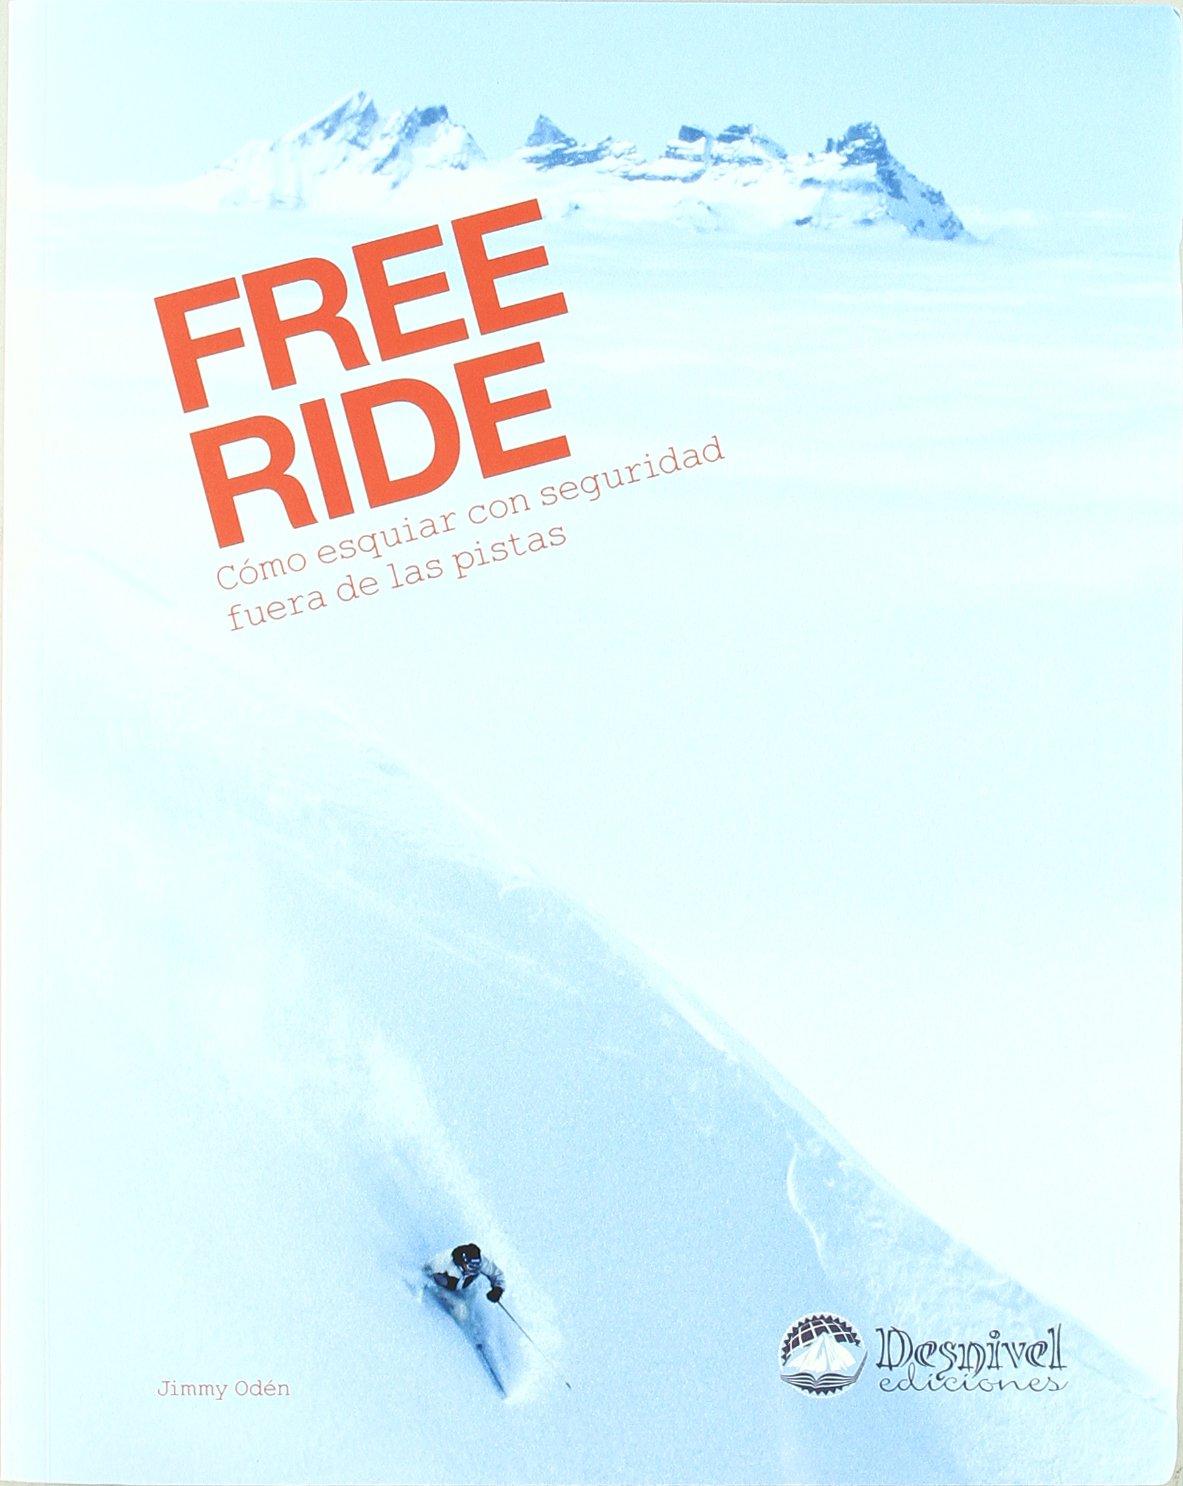 Free ride - como esquiar con seguridad fuera de las pistas